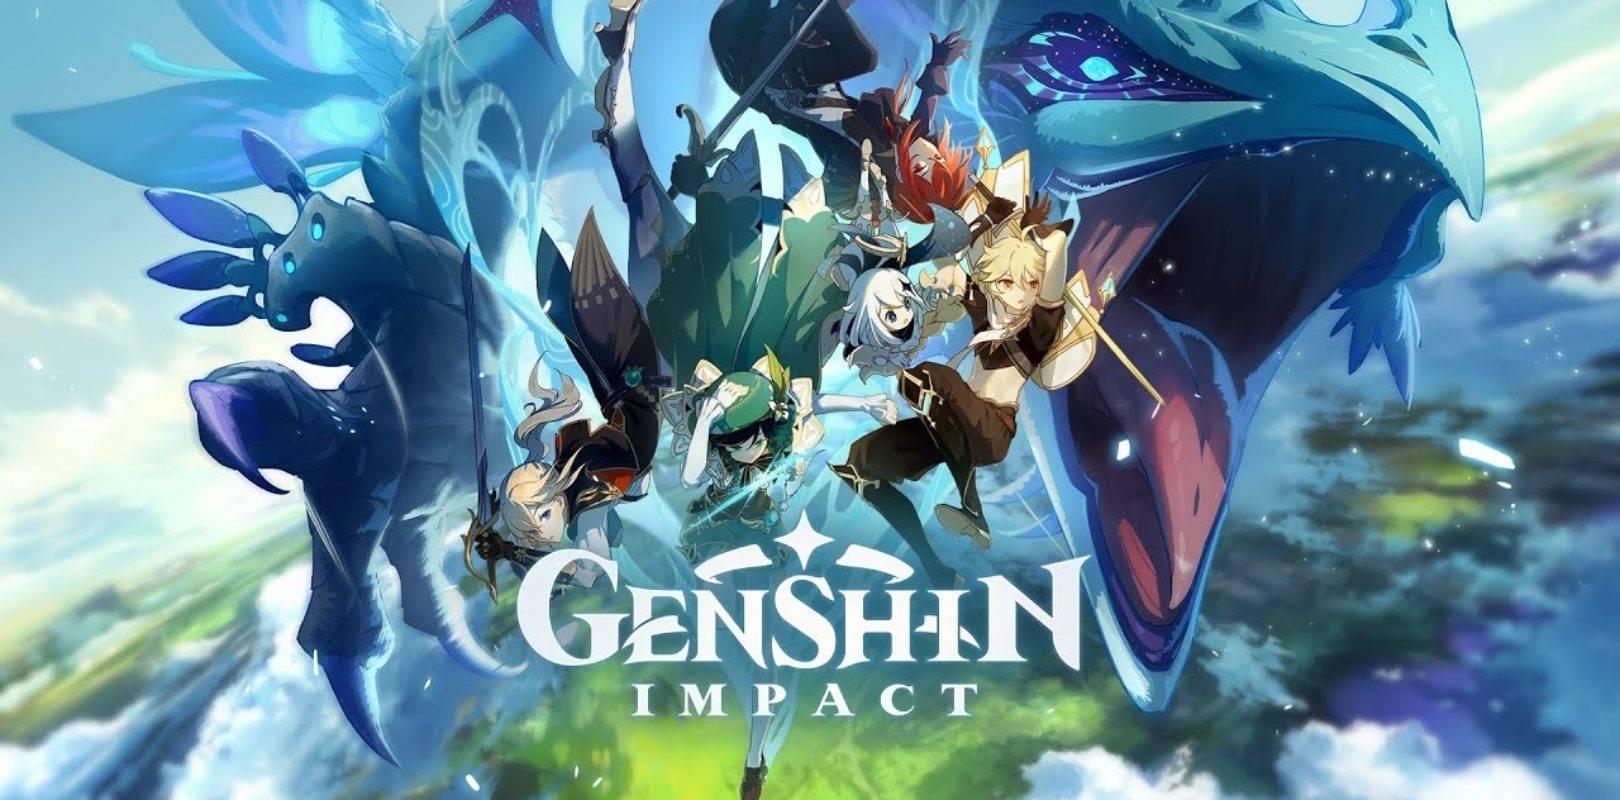 Genshinpic